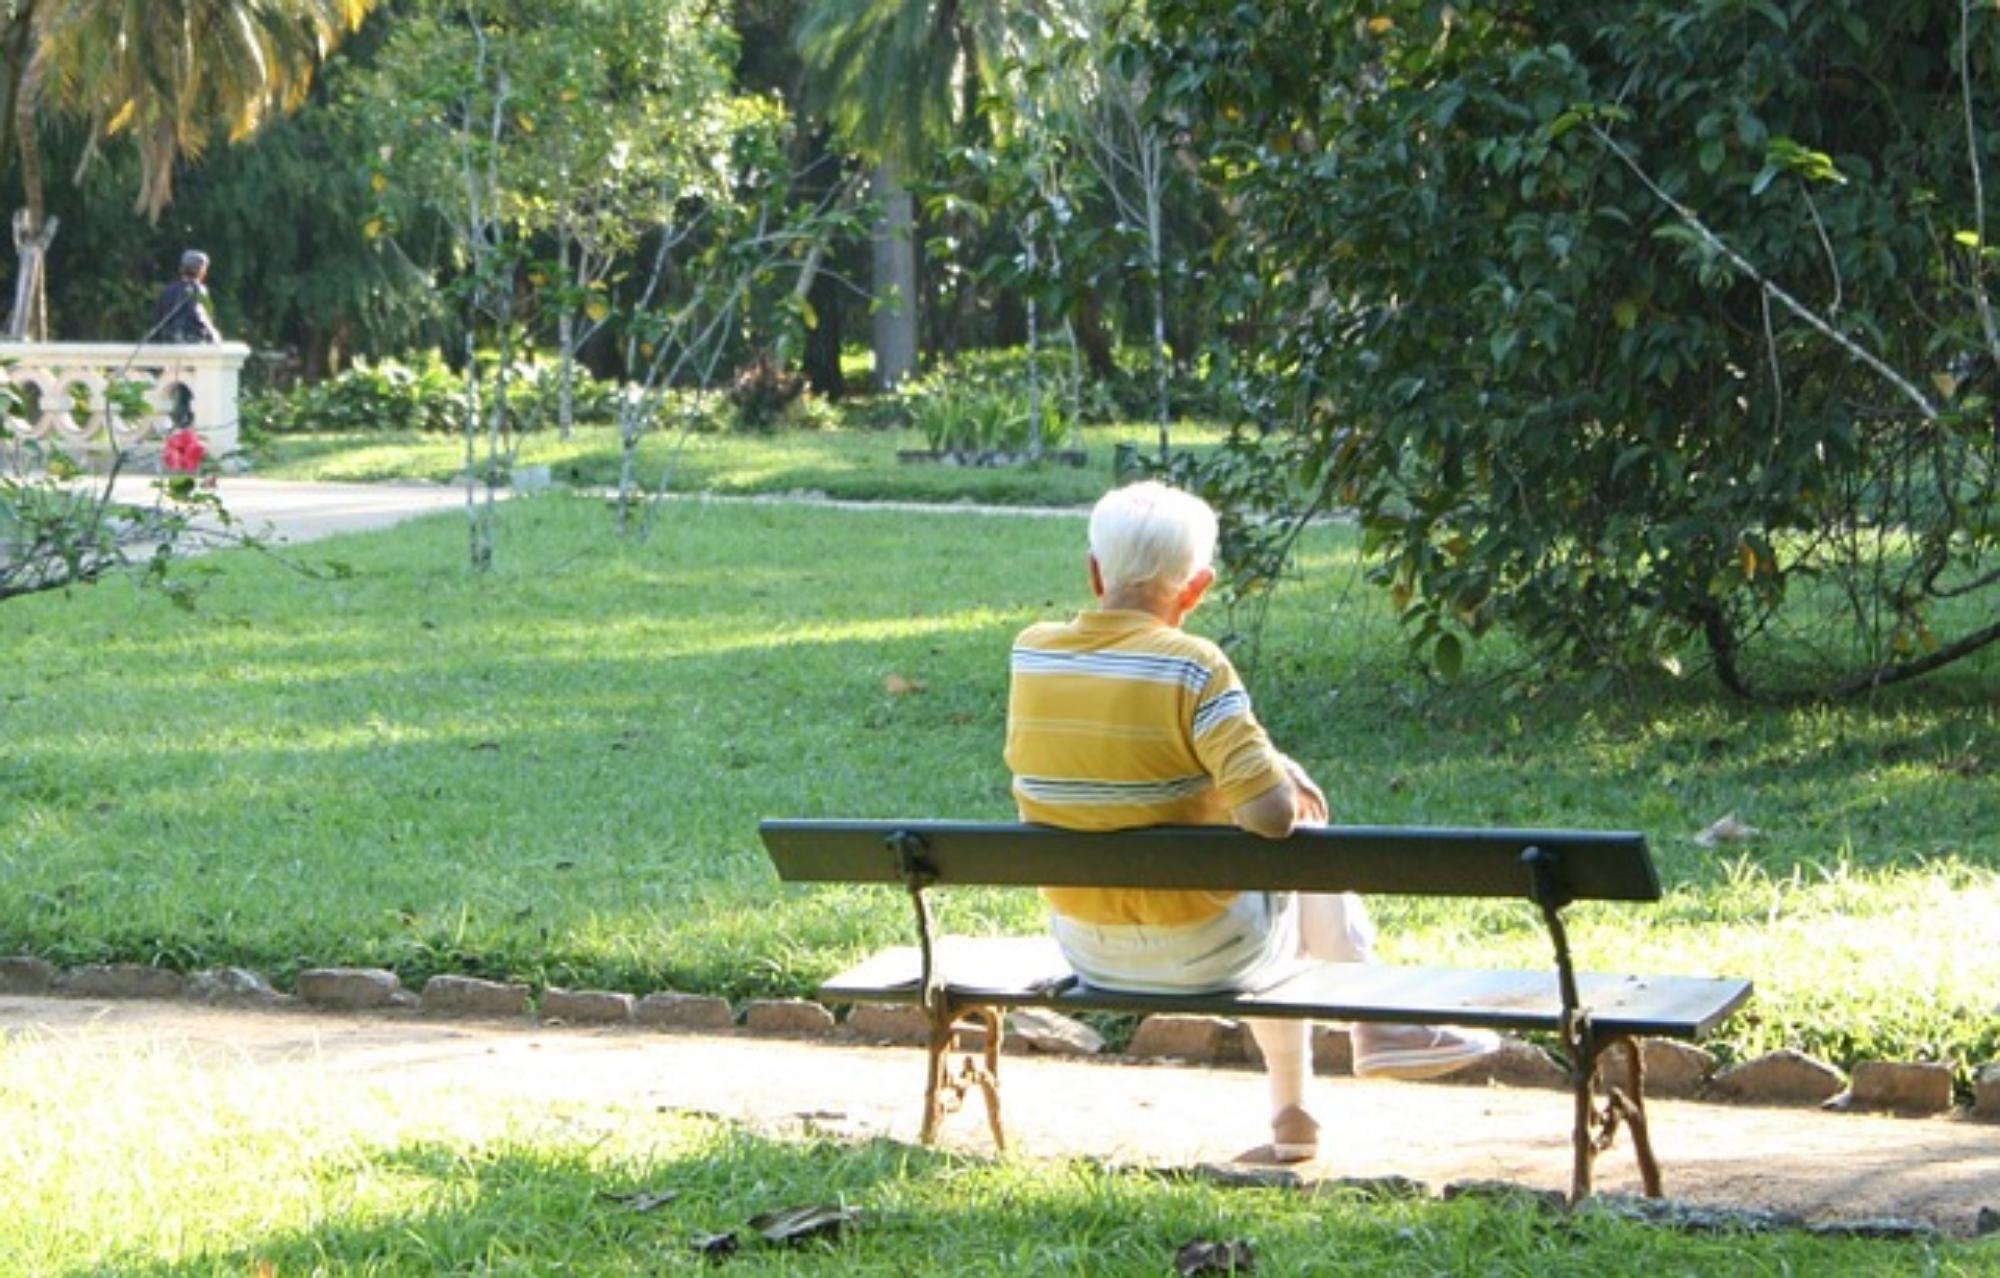 10 lời khuyên giúp người cao tuổi sống khỏe trong mùa dịch - Ảnh 3.